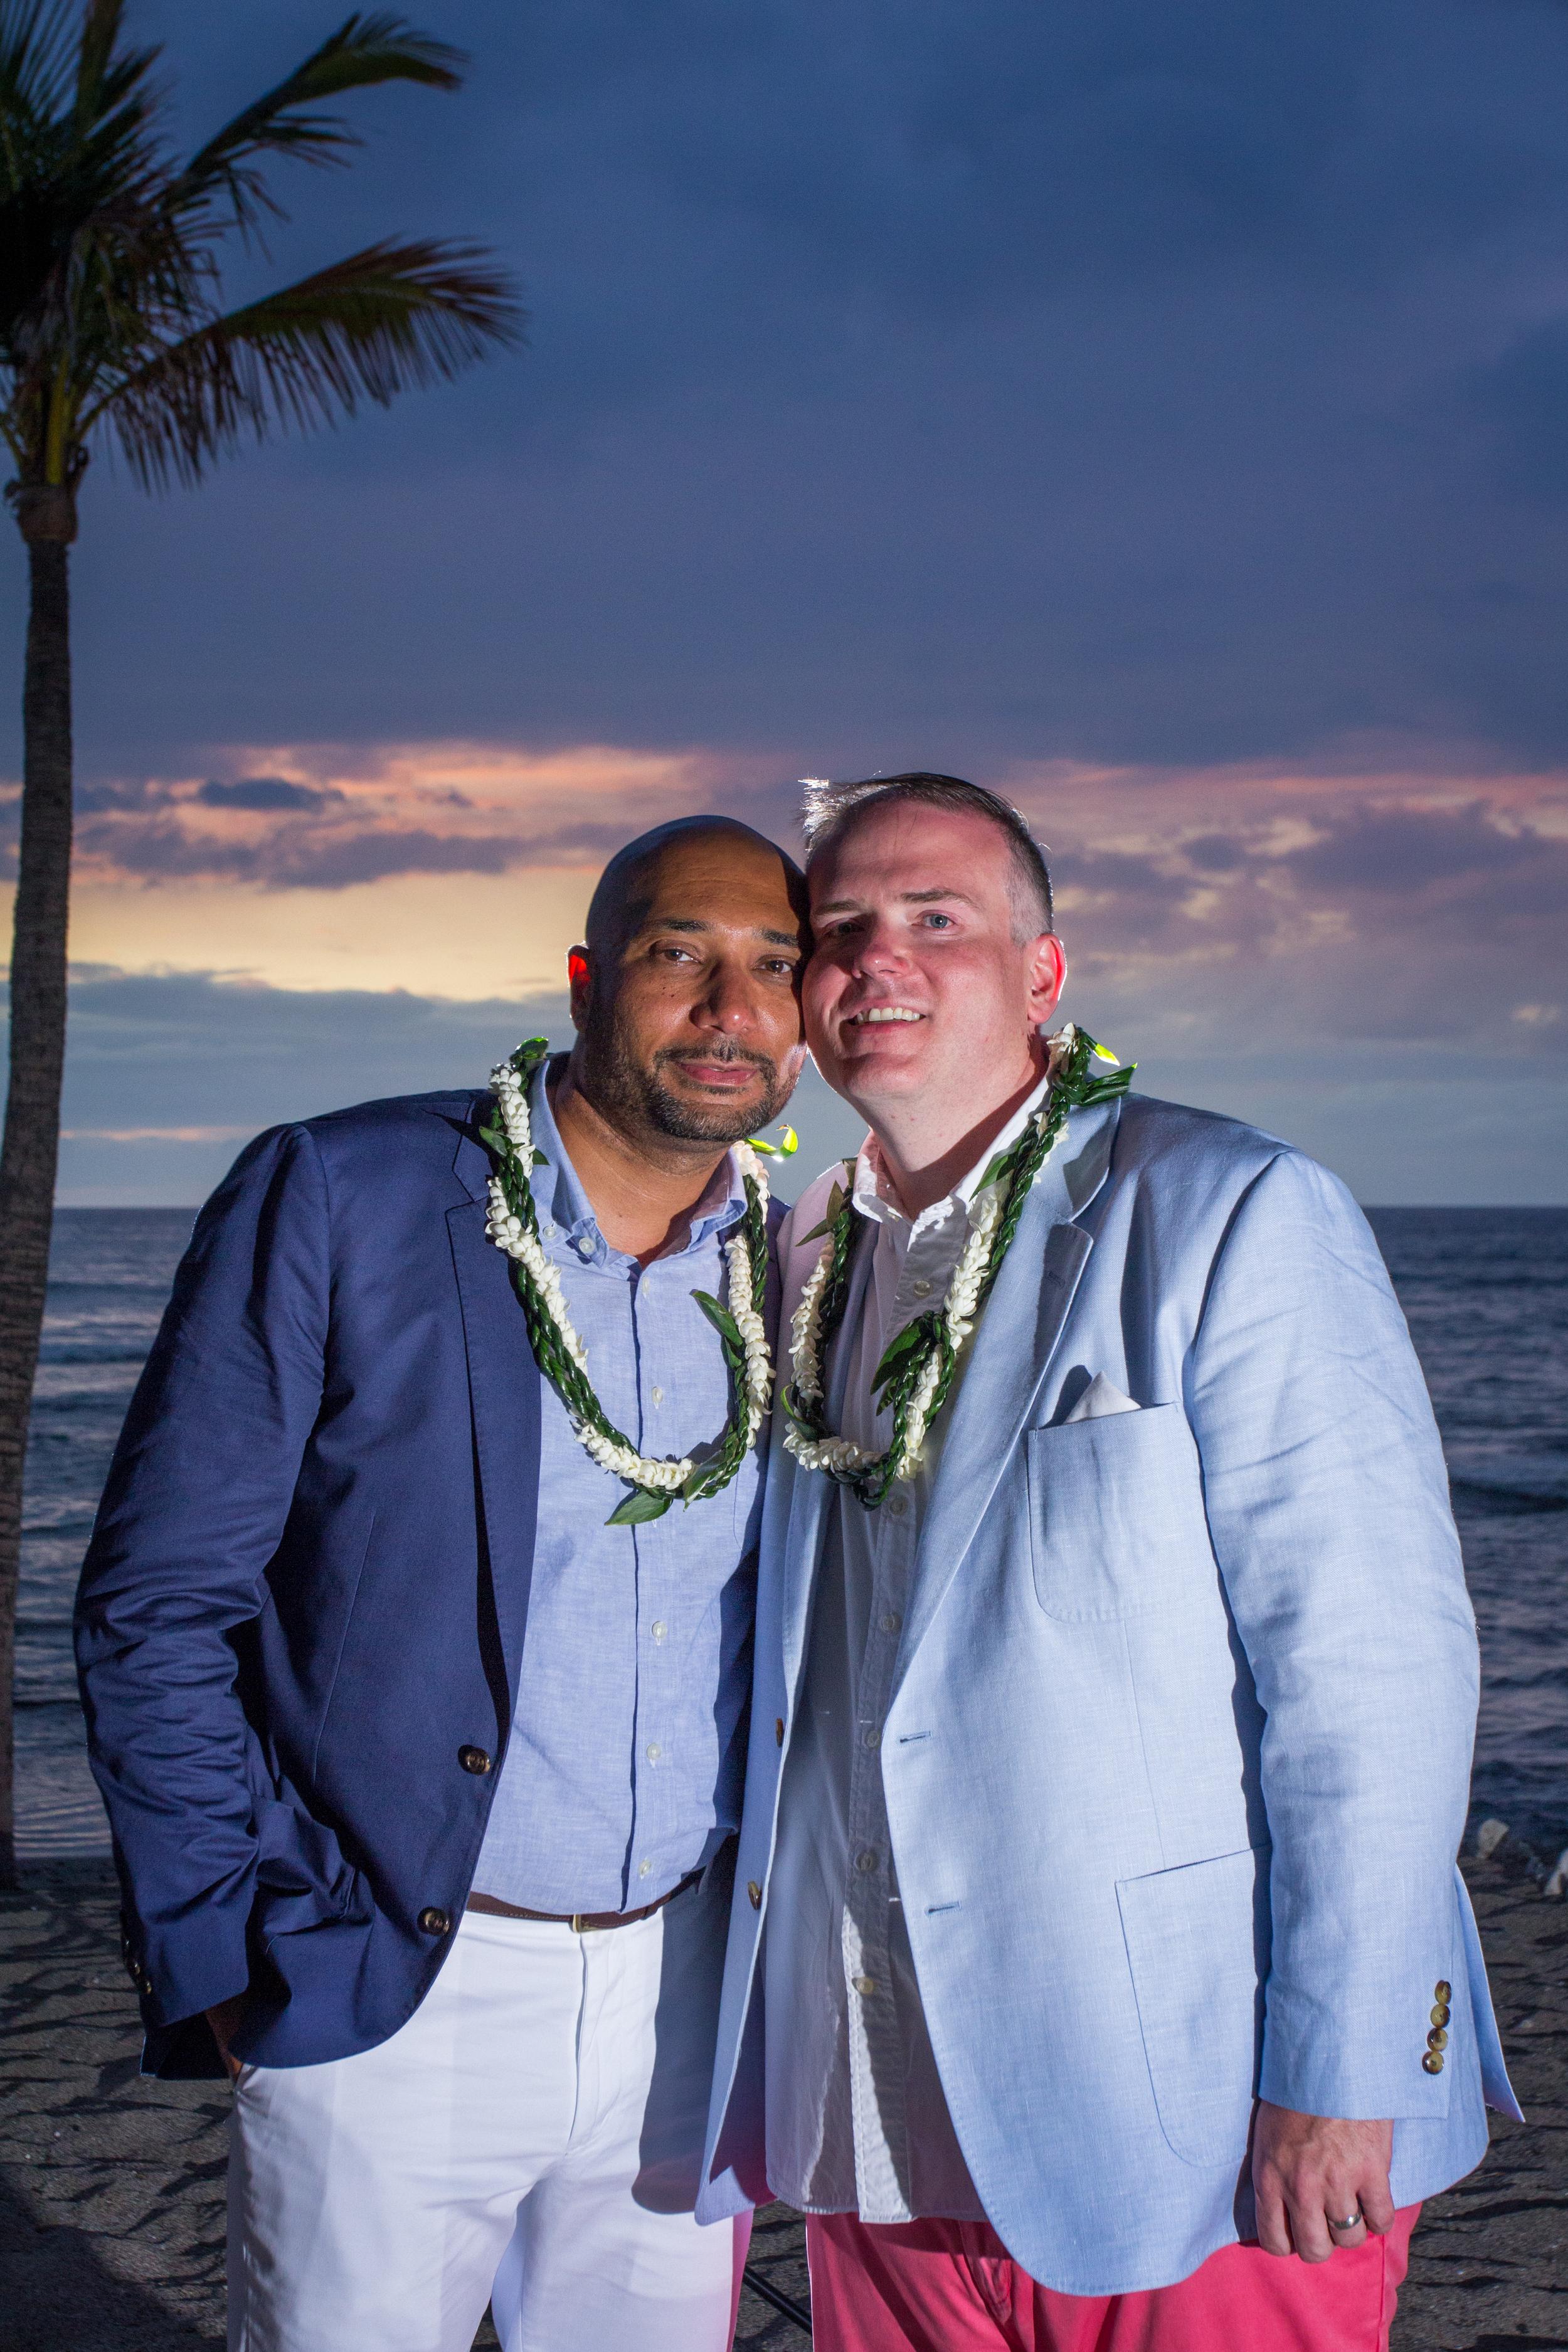 big island hawaii rmauna lani beach wedding © kelilina photography 20160601185435-3.jpg